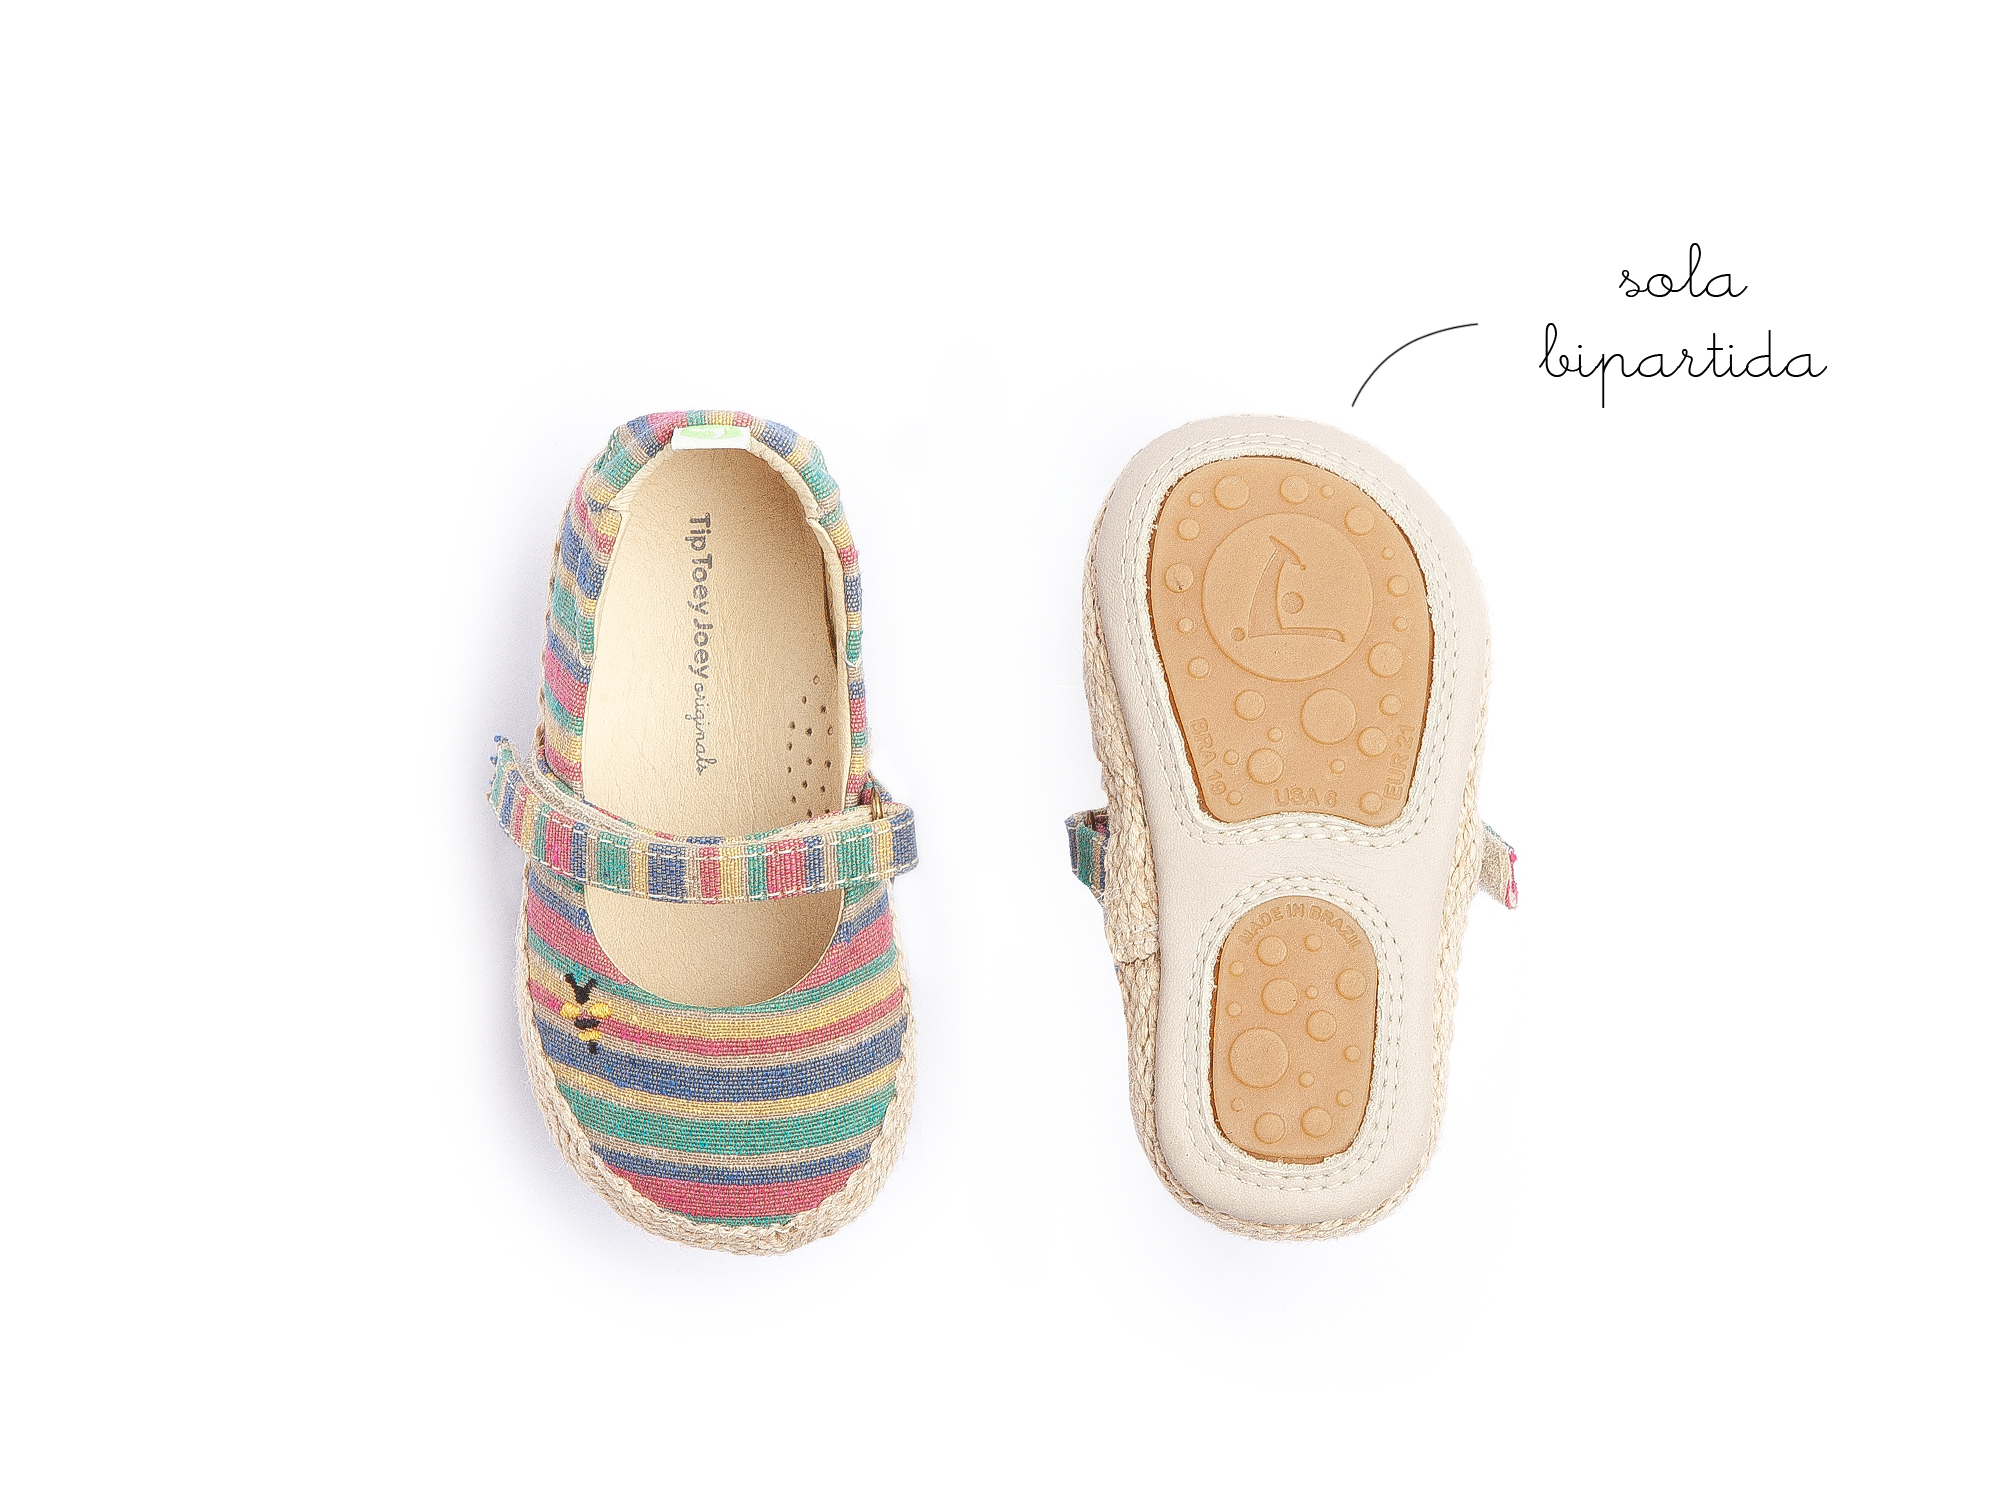 Boneca Sambaky Rainbow Canvas Beeswax Baby 0 à 2 anos - 1